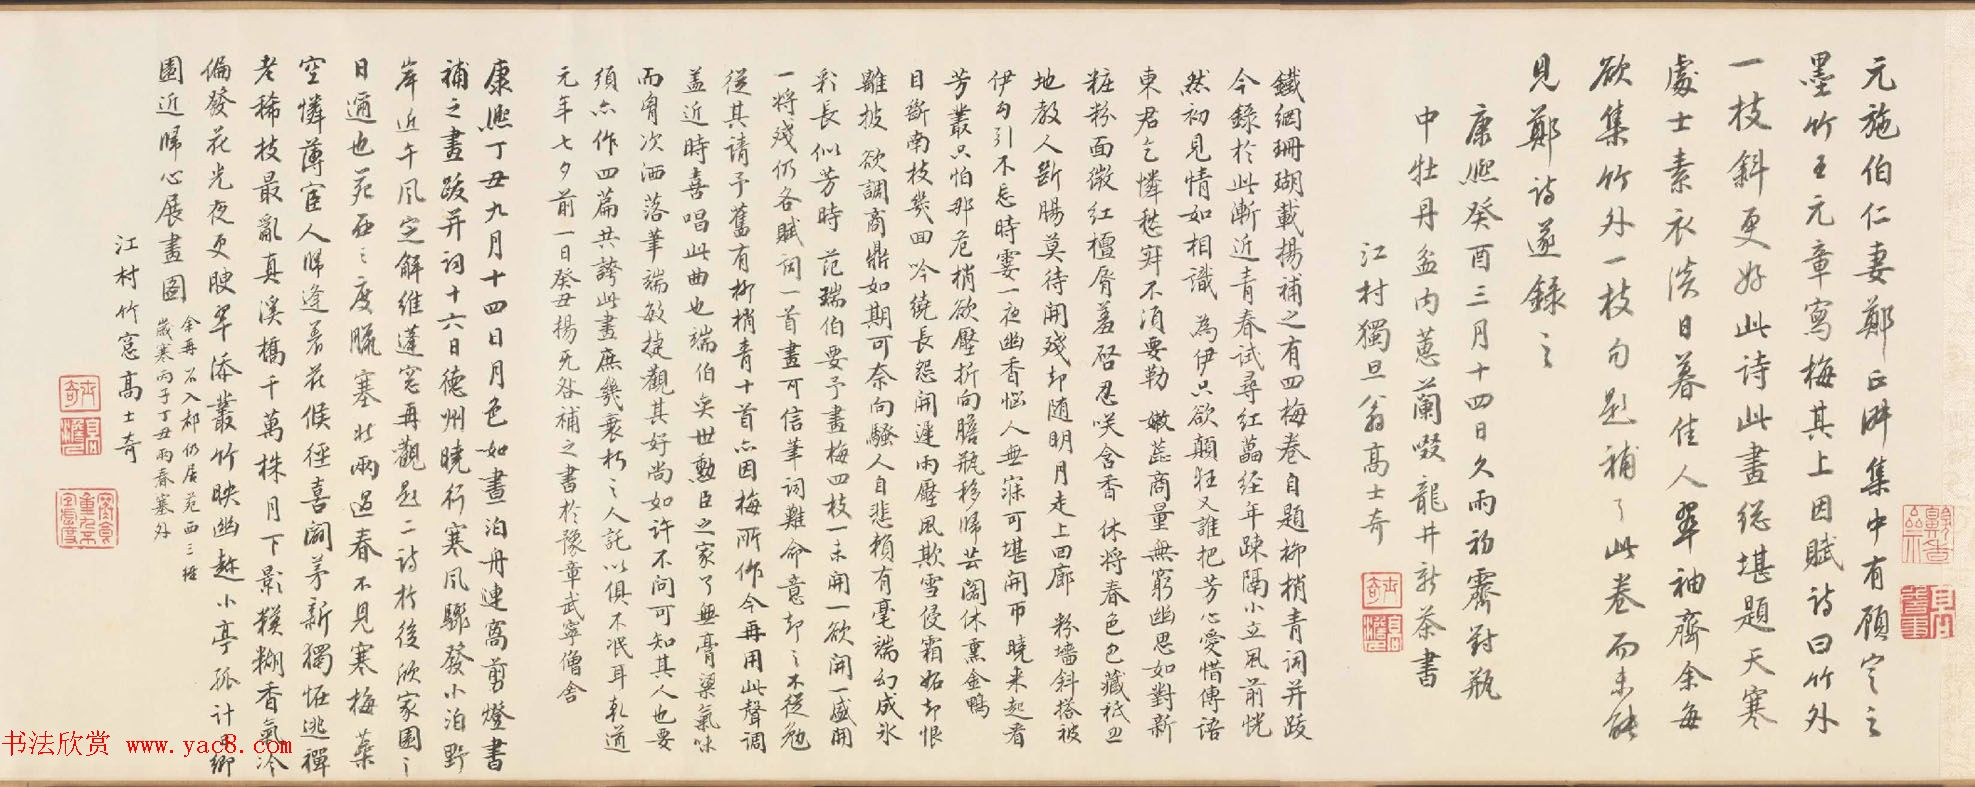 高士奇书法题跋杨无咎《雪梅图卷》北京故宫博物院藏